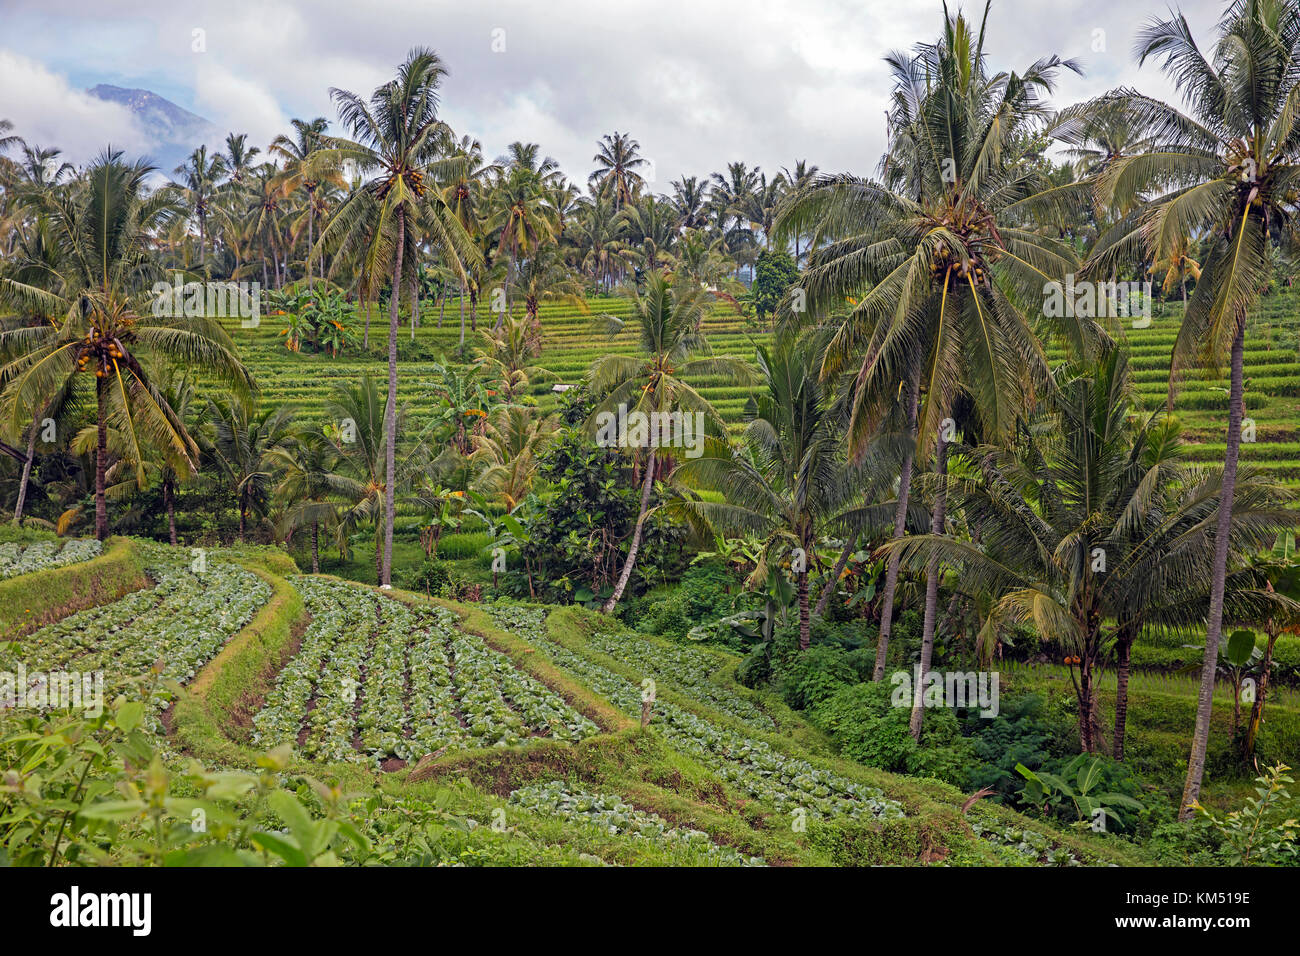 Los cocoteros y los repollos cultivados en terrazas en las laderas del volcán rinjani, en la isla de Lombok, Imagen De Stock